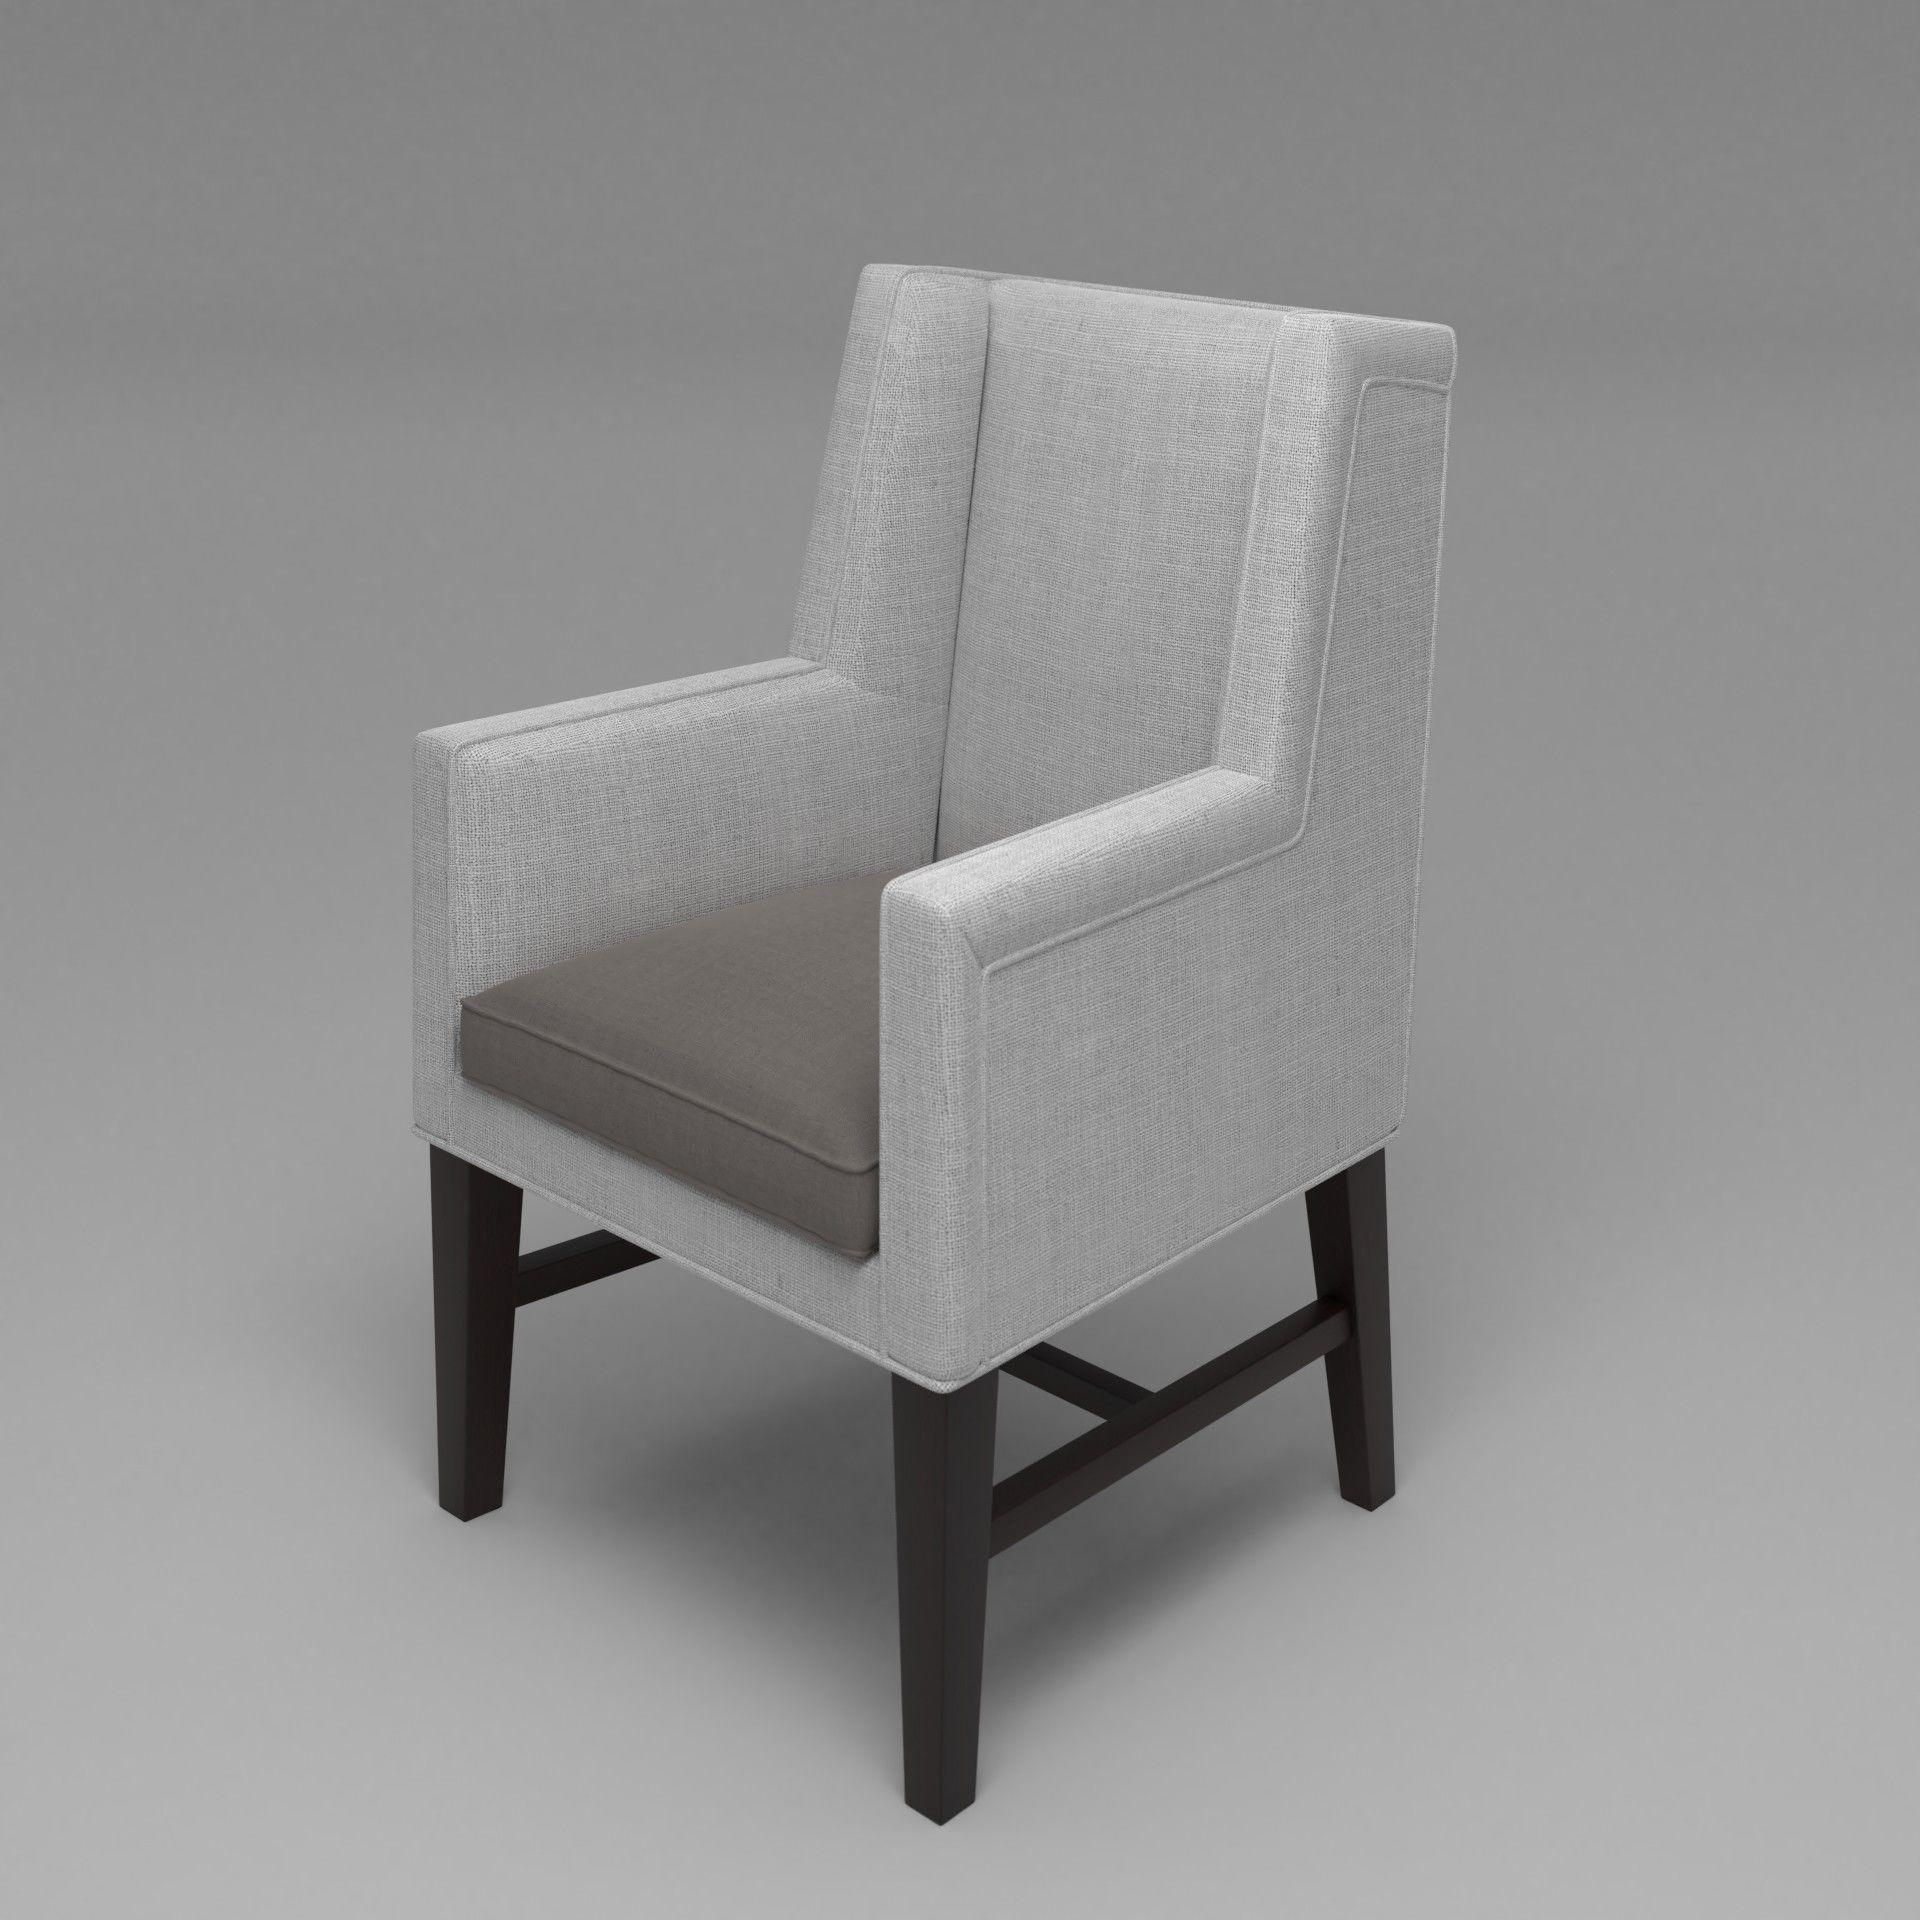 Greenbrier Exterior: Greenbrier Wing Chair 3D Model